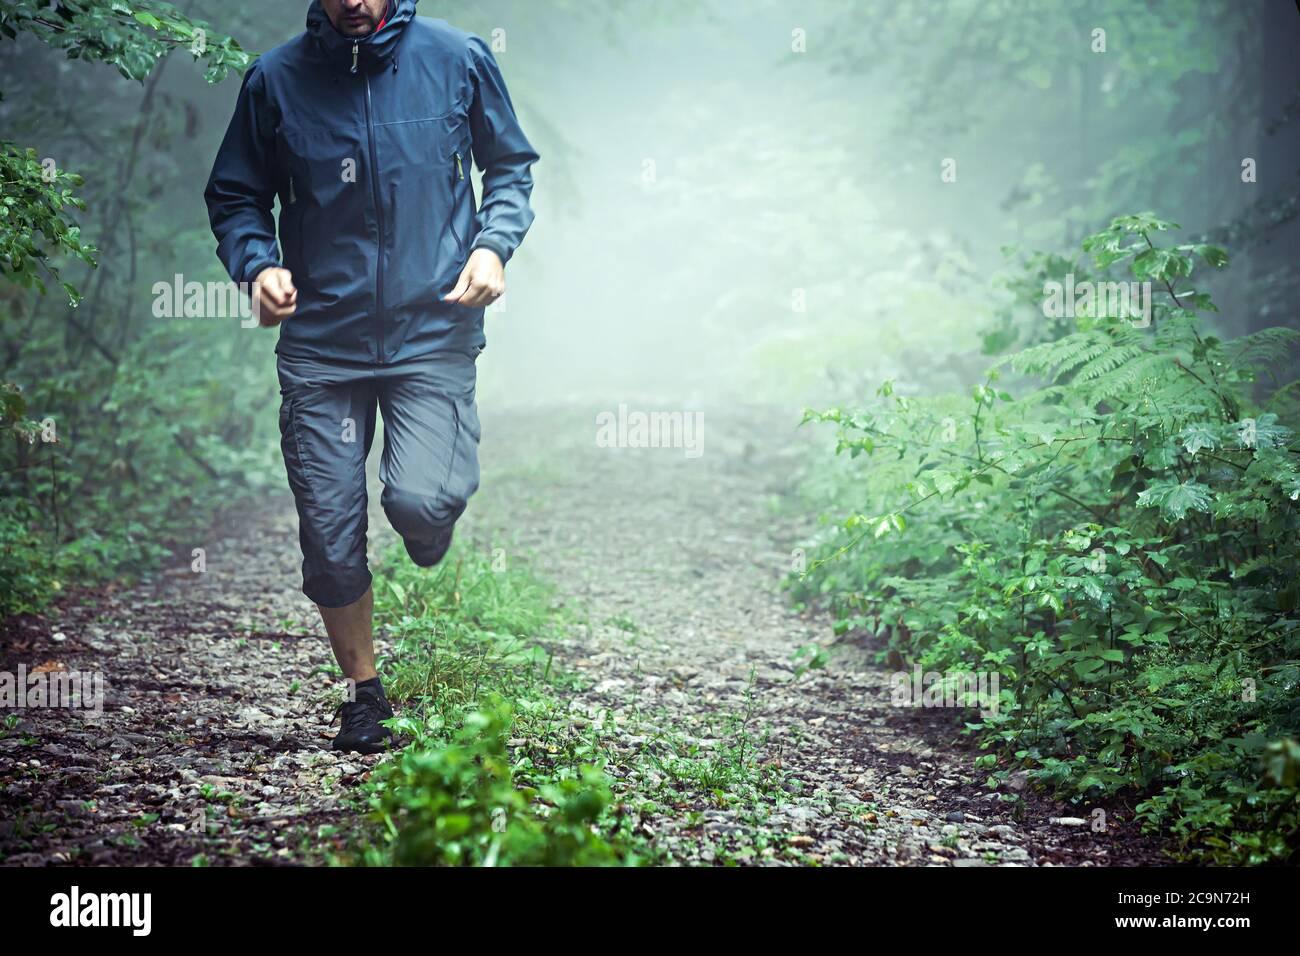 Nahaufnahme des männlichen Athleten, trägt Outdoor-Kleidung, läuft durch nebligen Wald am frühen Morgen. Kopierplatz verfügbar. Stockfoto